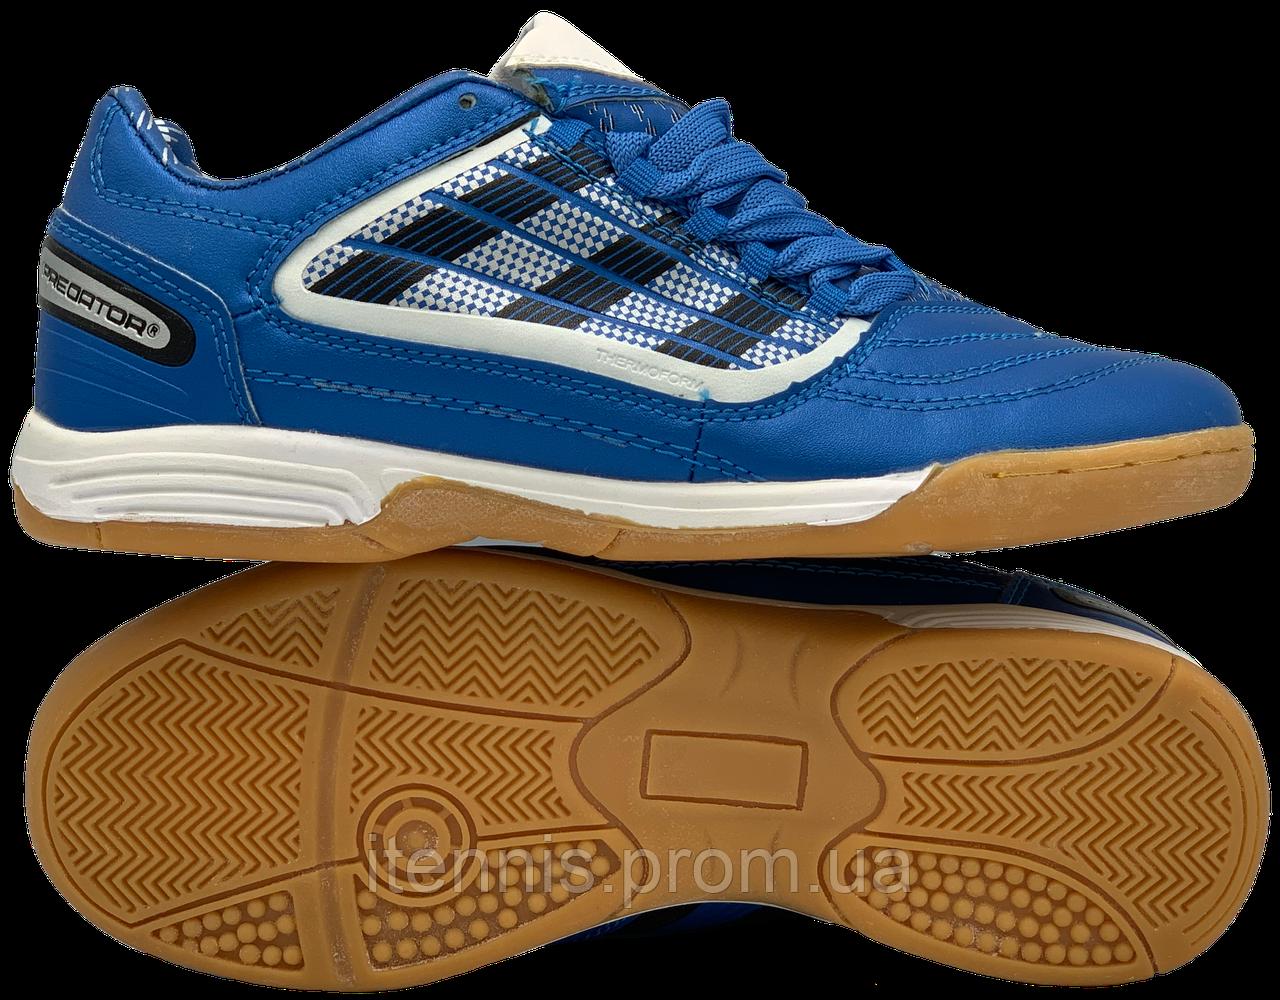 Футзалки Adidas Predator (р. 36-40) Синий